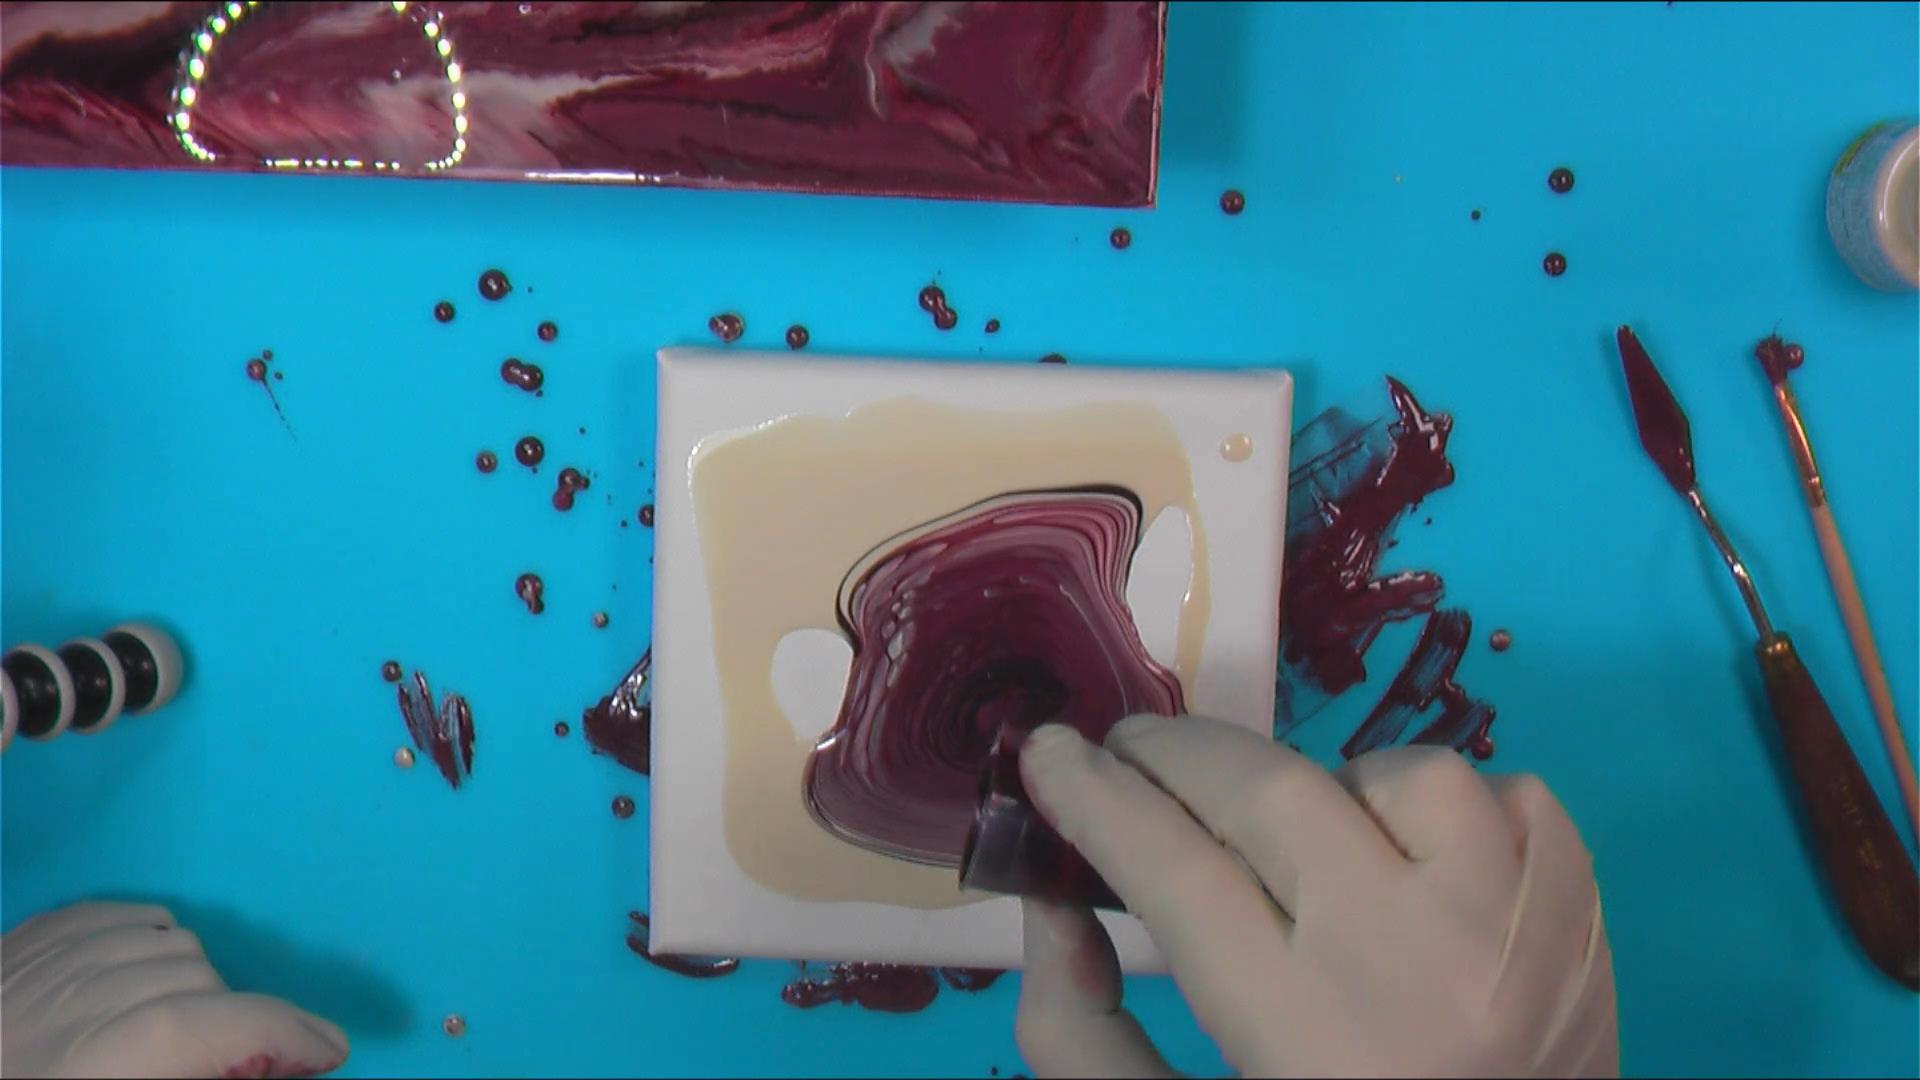 Expérimentation #4 – Décembre 2020 - Peinture vitrail sur toile